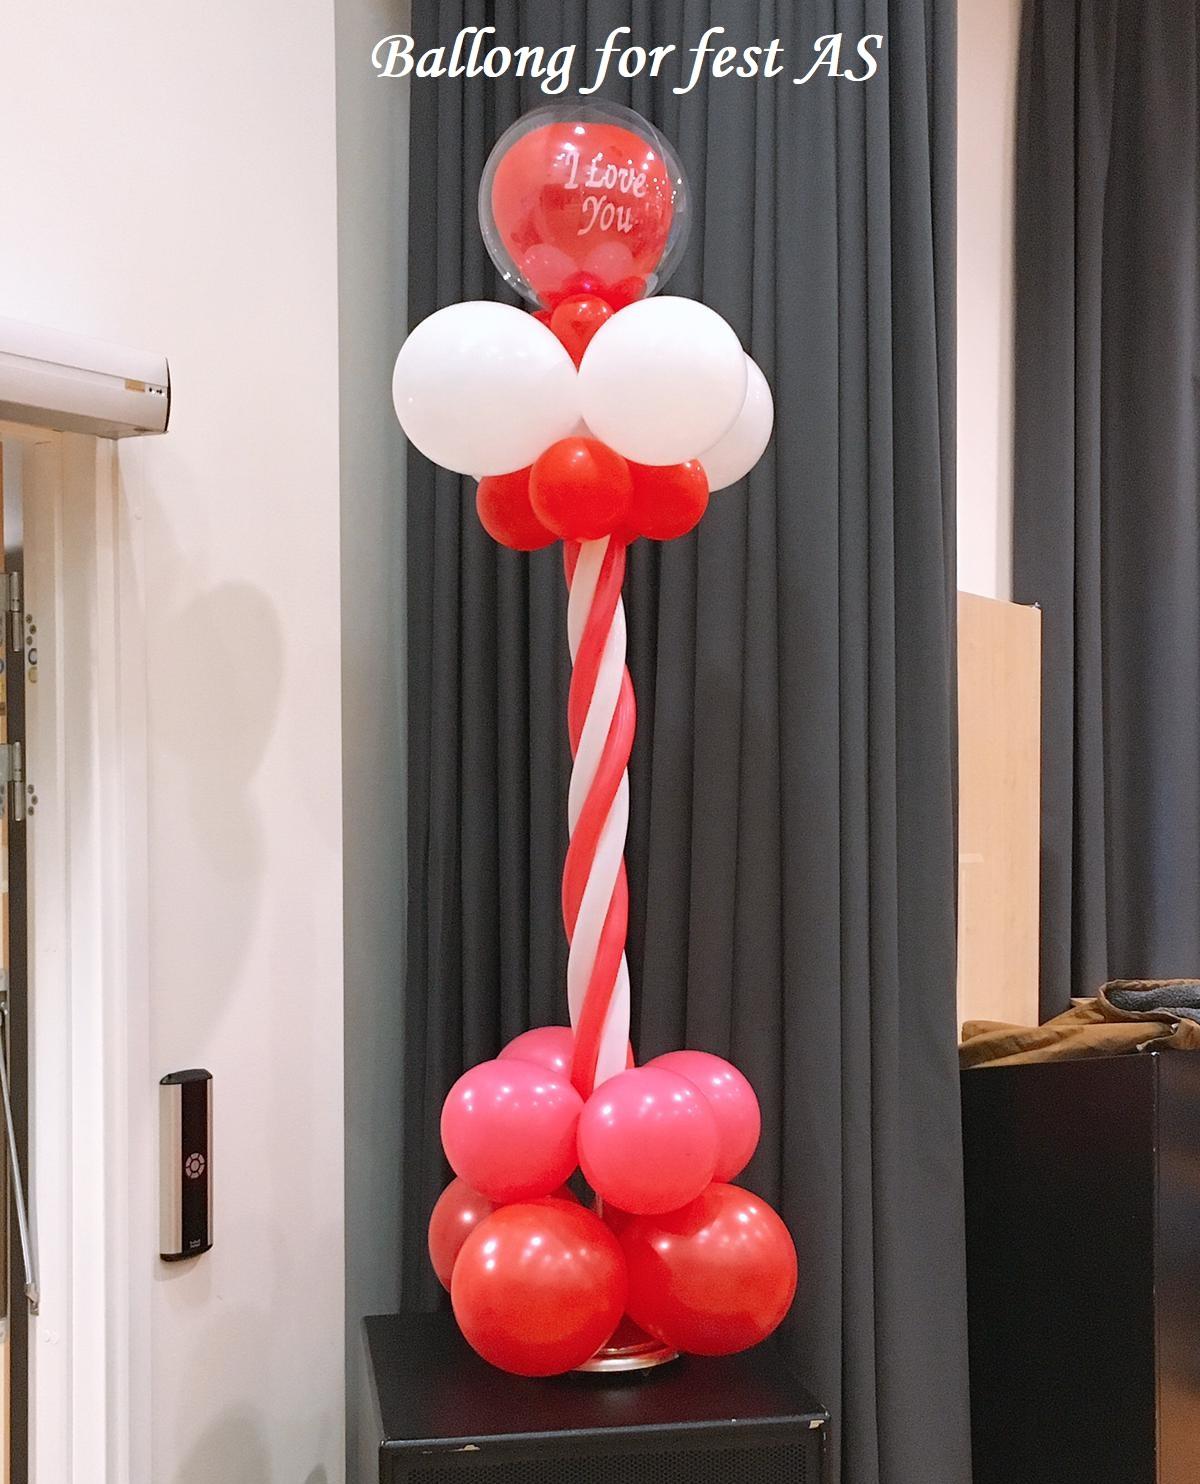 Ballong for fest (11)